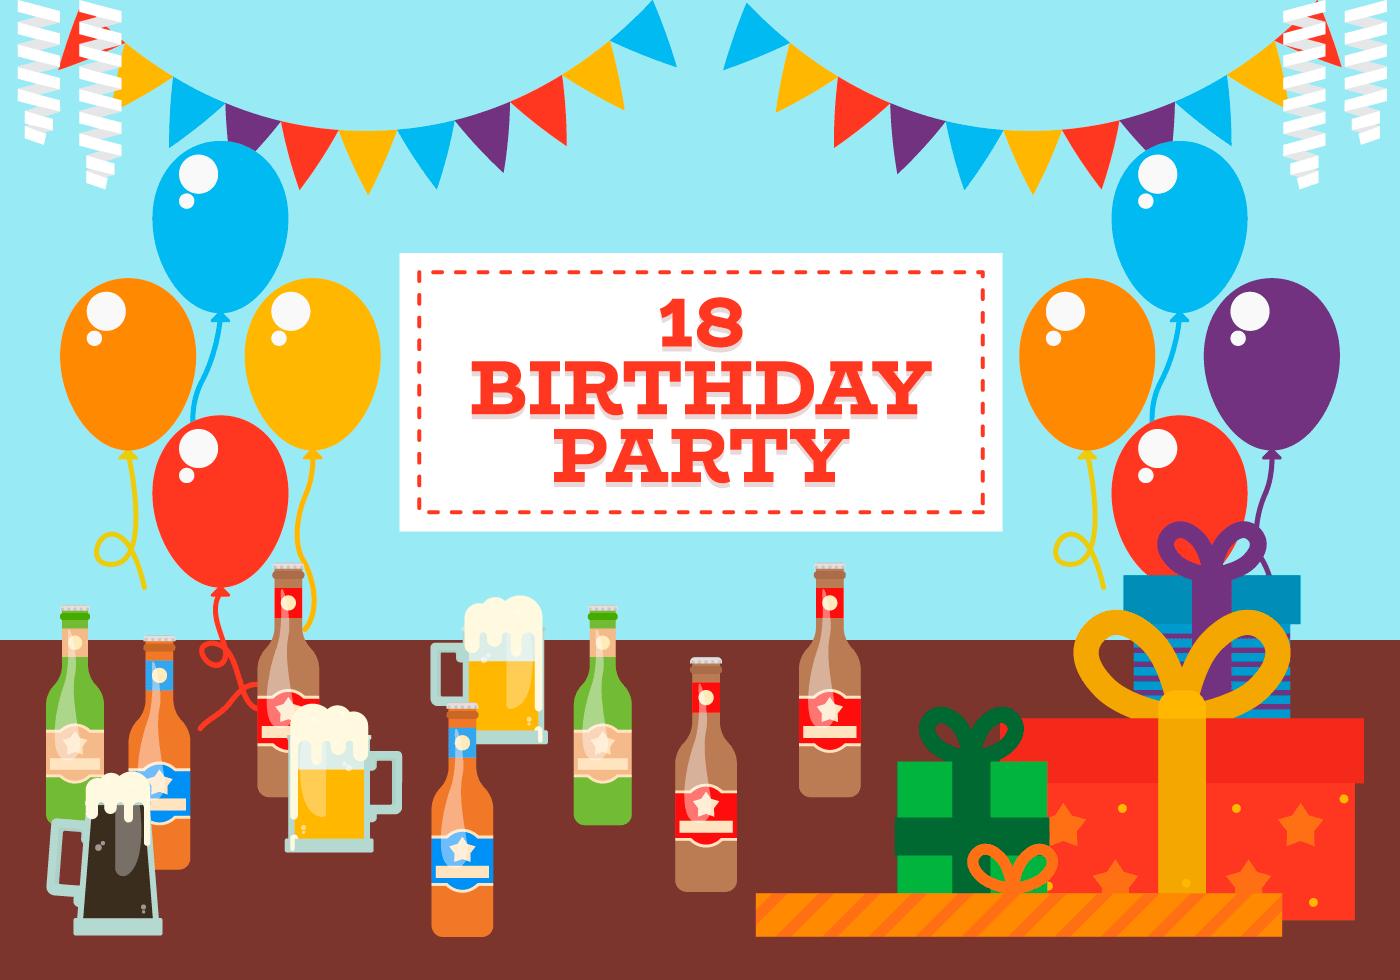 Beste 18 jaar verjaardagspartij gratis vectorillustratie - Download Free YY-03